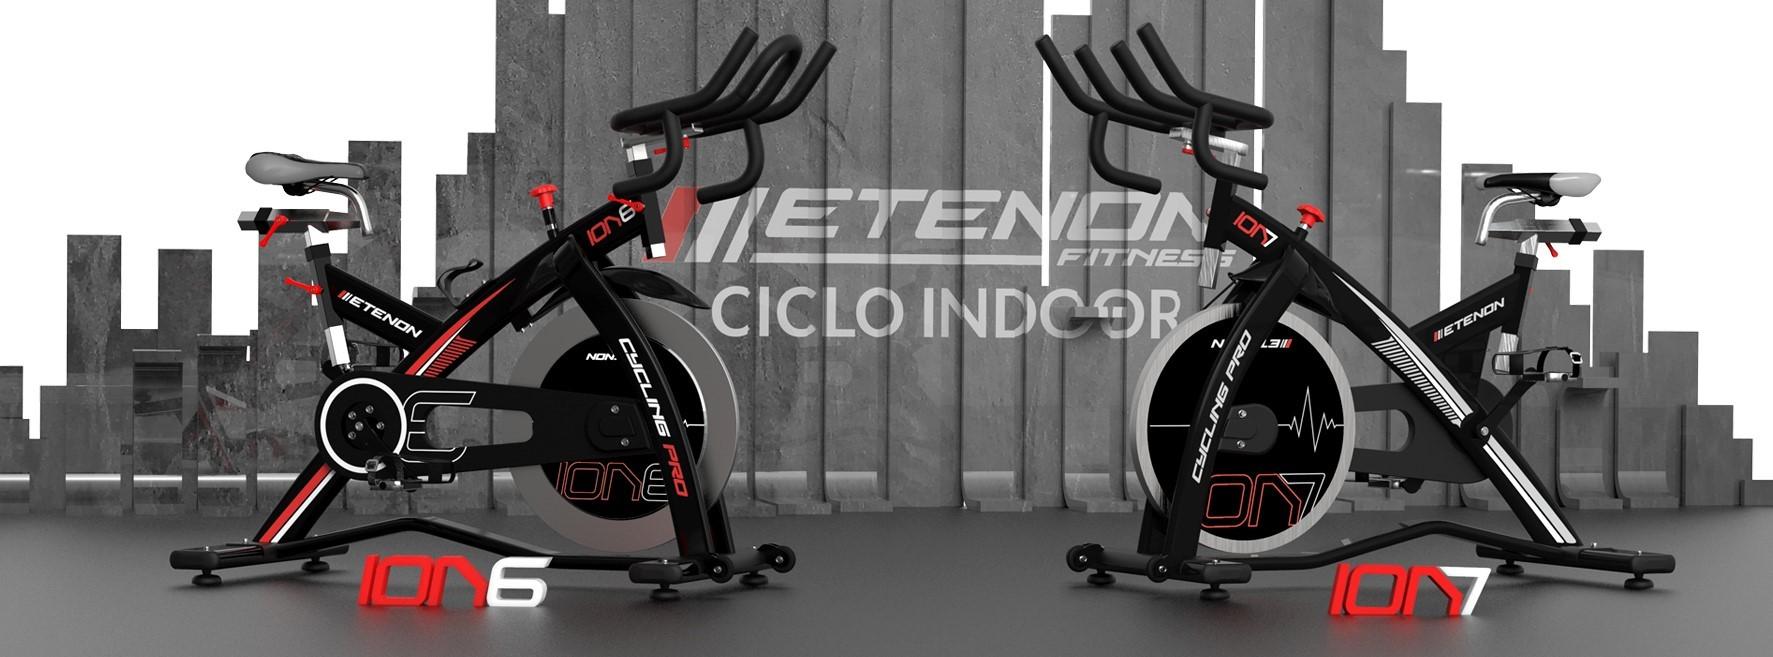 Etenon Fitness presenta novedades en bicicletas de ciclo indoor